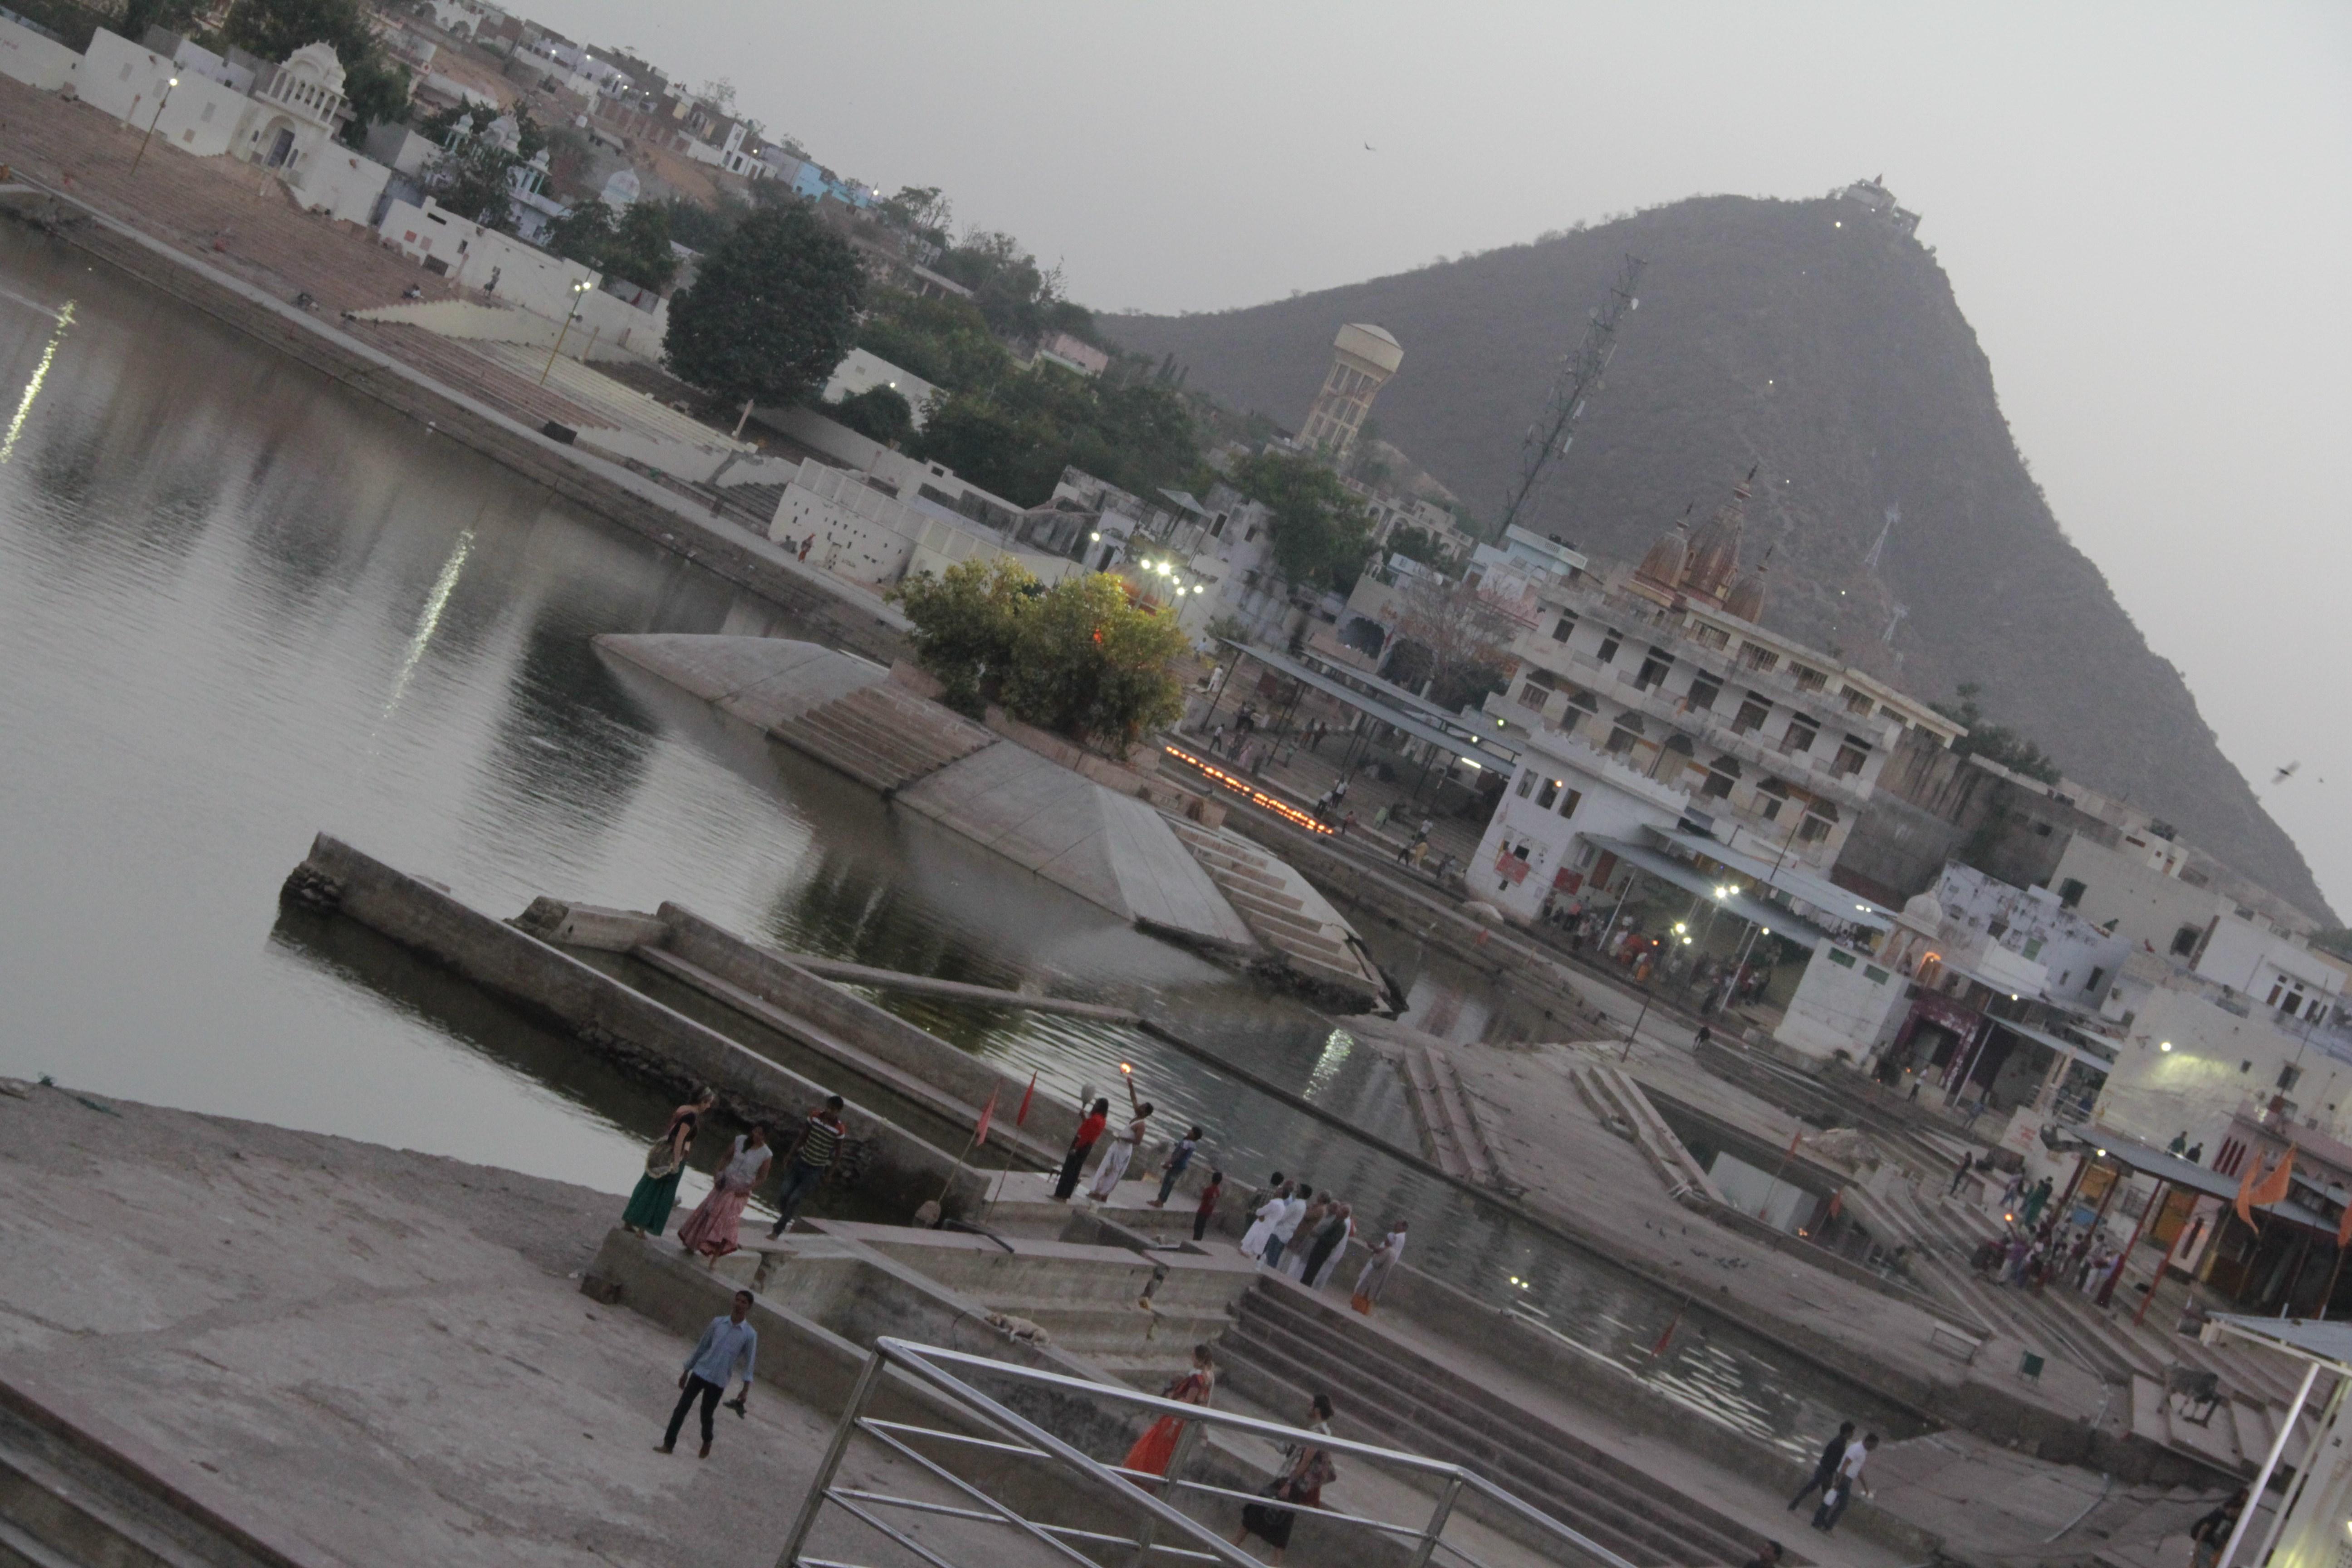 2016-03-24-1458833813-6309770-Pushkar2.jpg